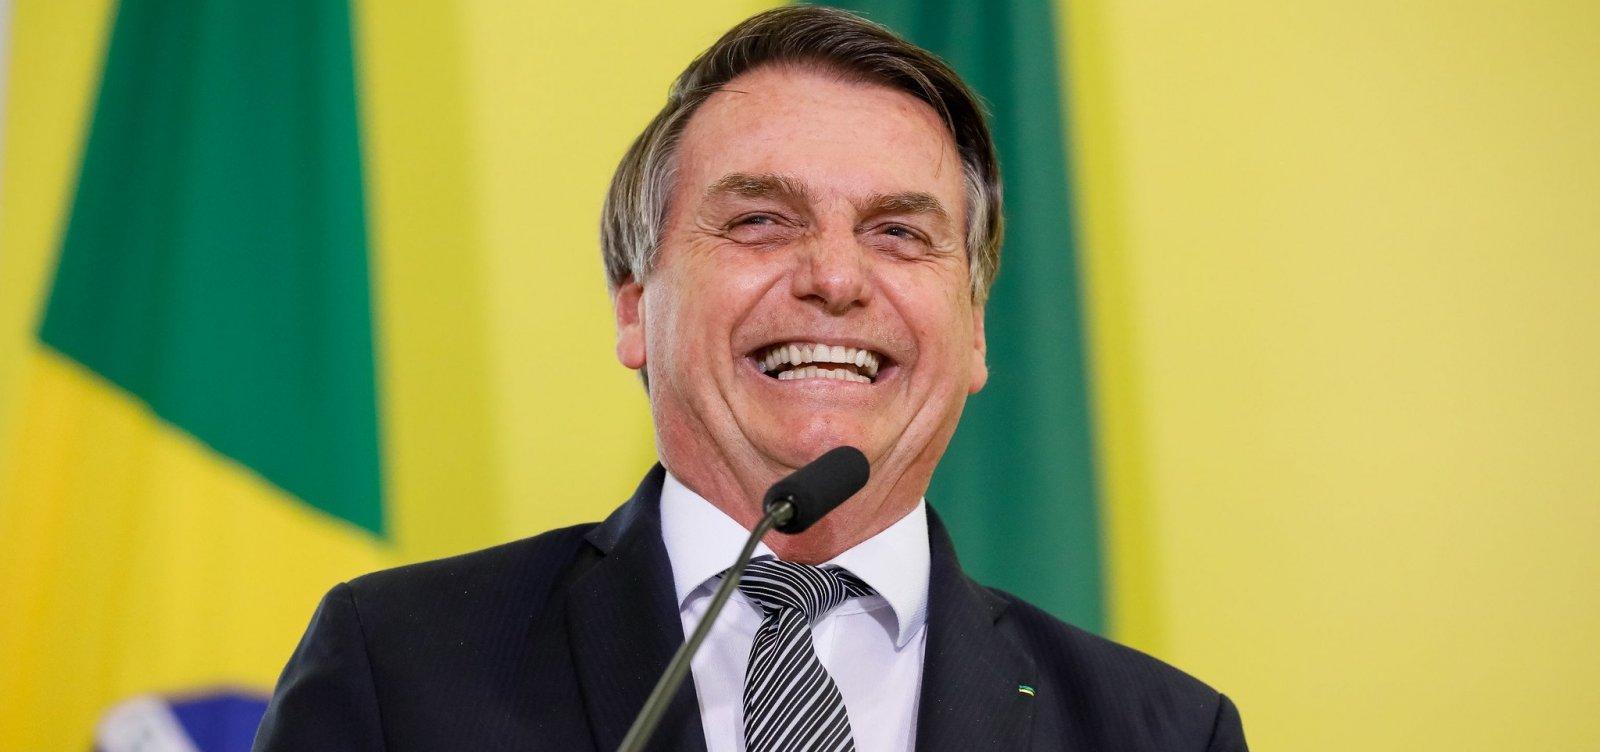 [Guedes era 'chucro' e Moro, 'ingênuo', até chegarem ao governo, diz Bolsonaro]